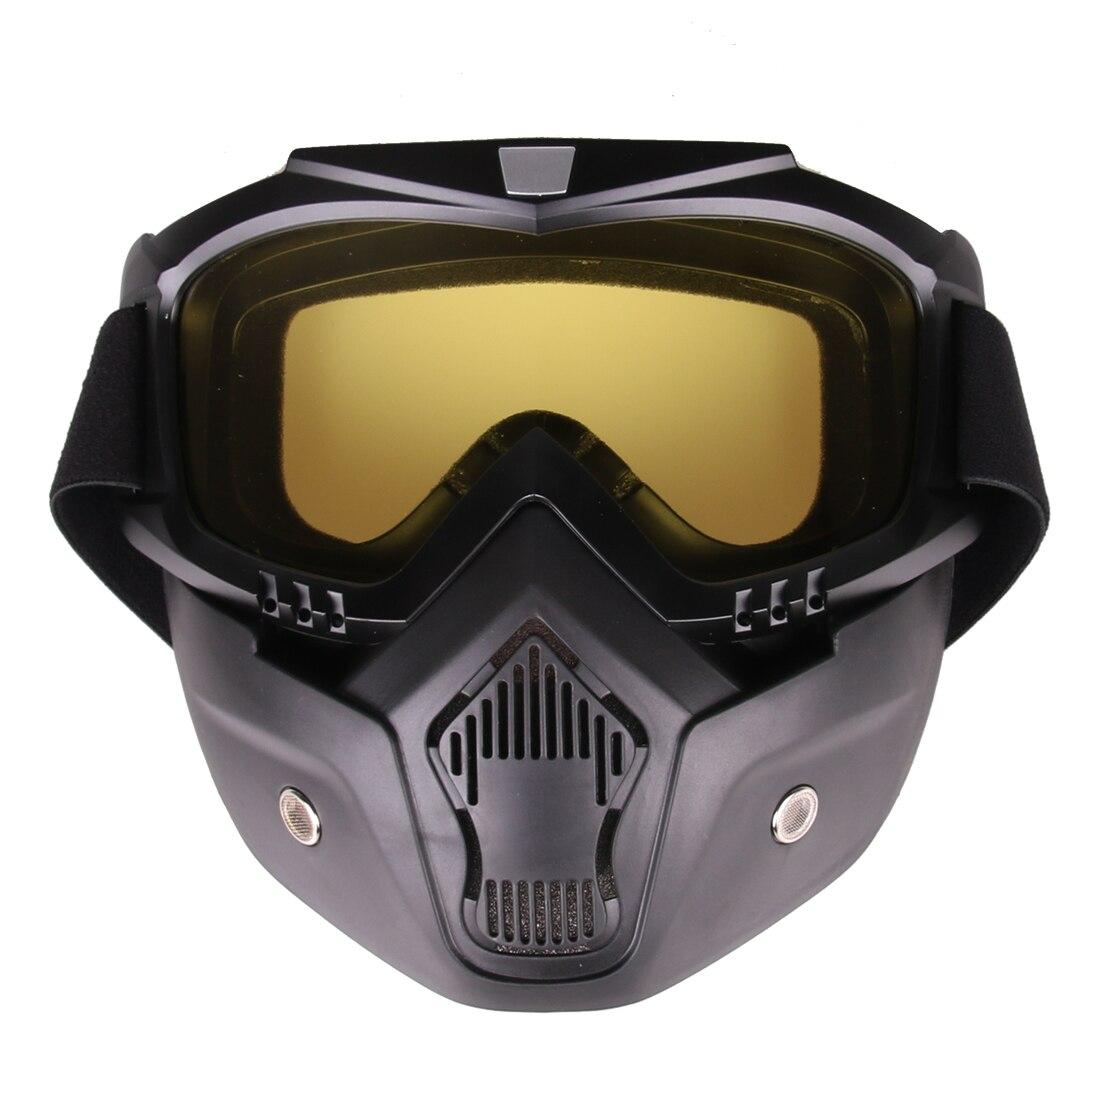 ᗜ LjഃEstilo clásico máscara táctica suave DART espejo protector ...